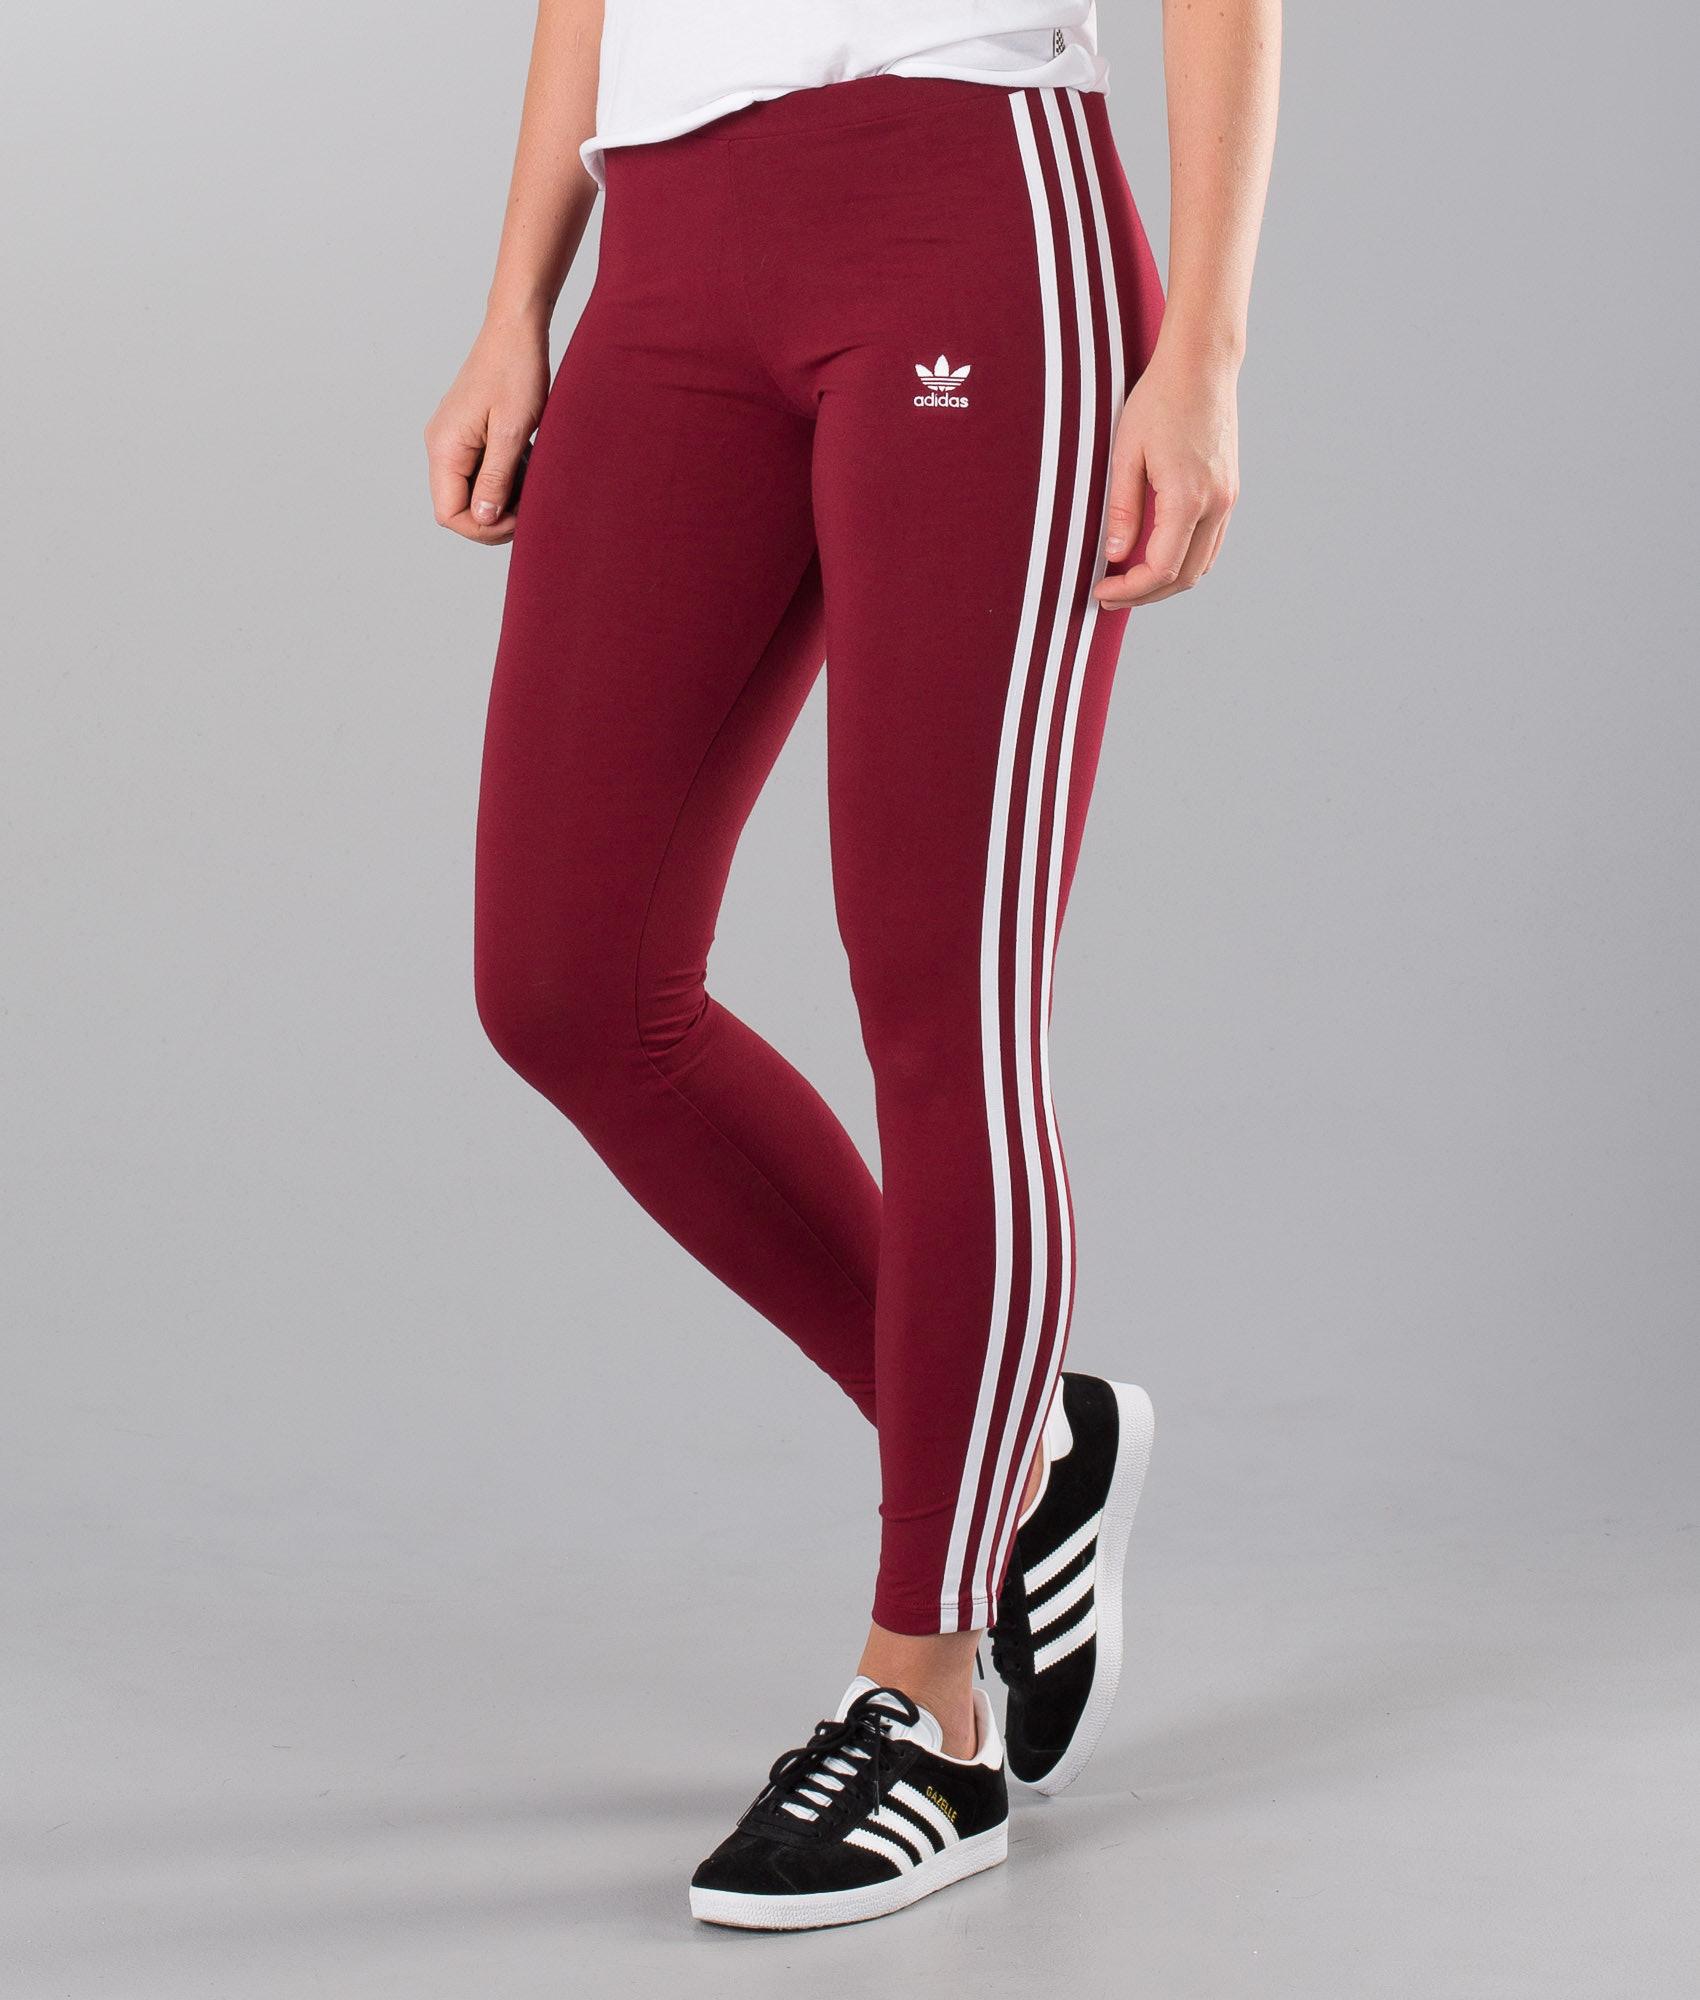 21402ca5589 Adidas Originals 3 Stripes Leggings Collegiate Burgundy - Ridestore.com